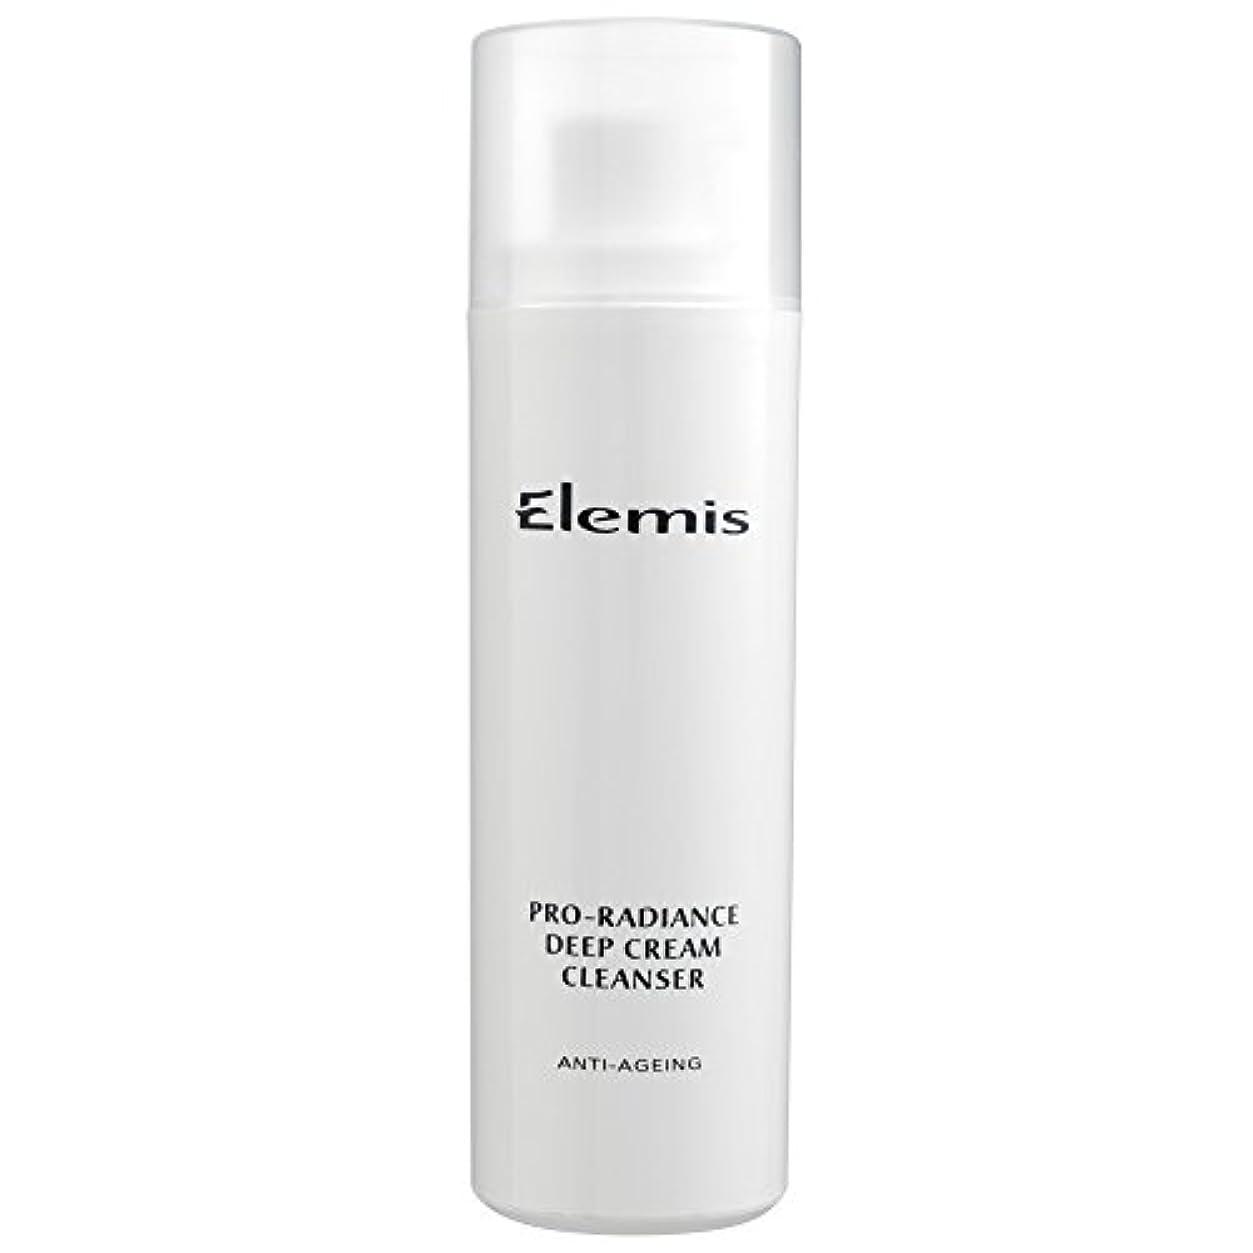 伝統ストライド蓄積するエレミスプロ輝きクリームクレンザー、150ミリリットル (Elemis) (x2) - Elemis Pro-Radiance Cream Cleanser, 150ml (Pack of 2) [並行輸入品]